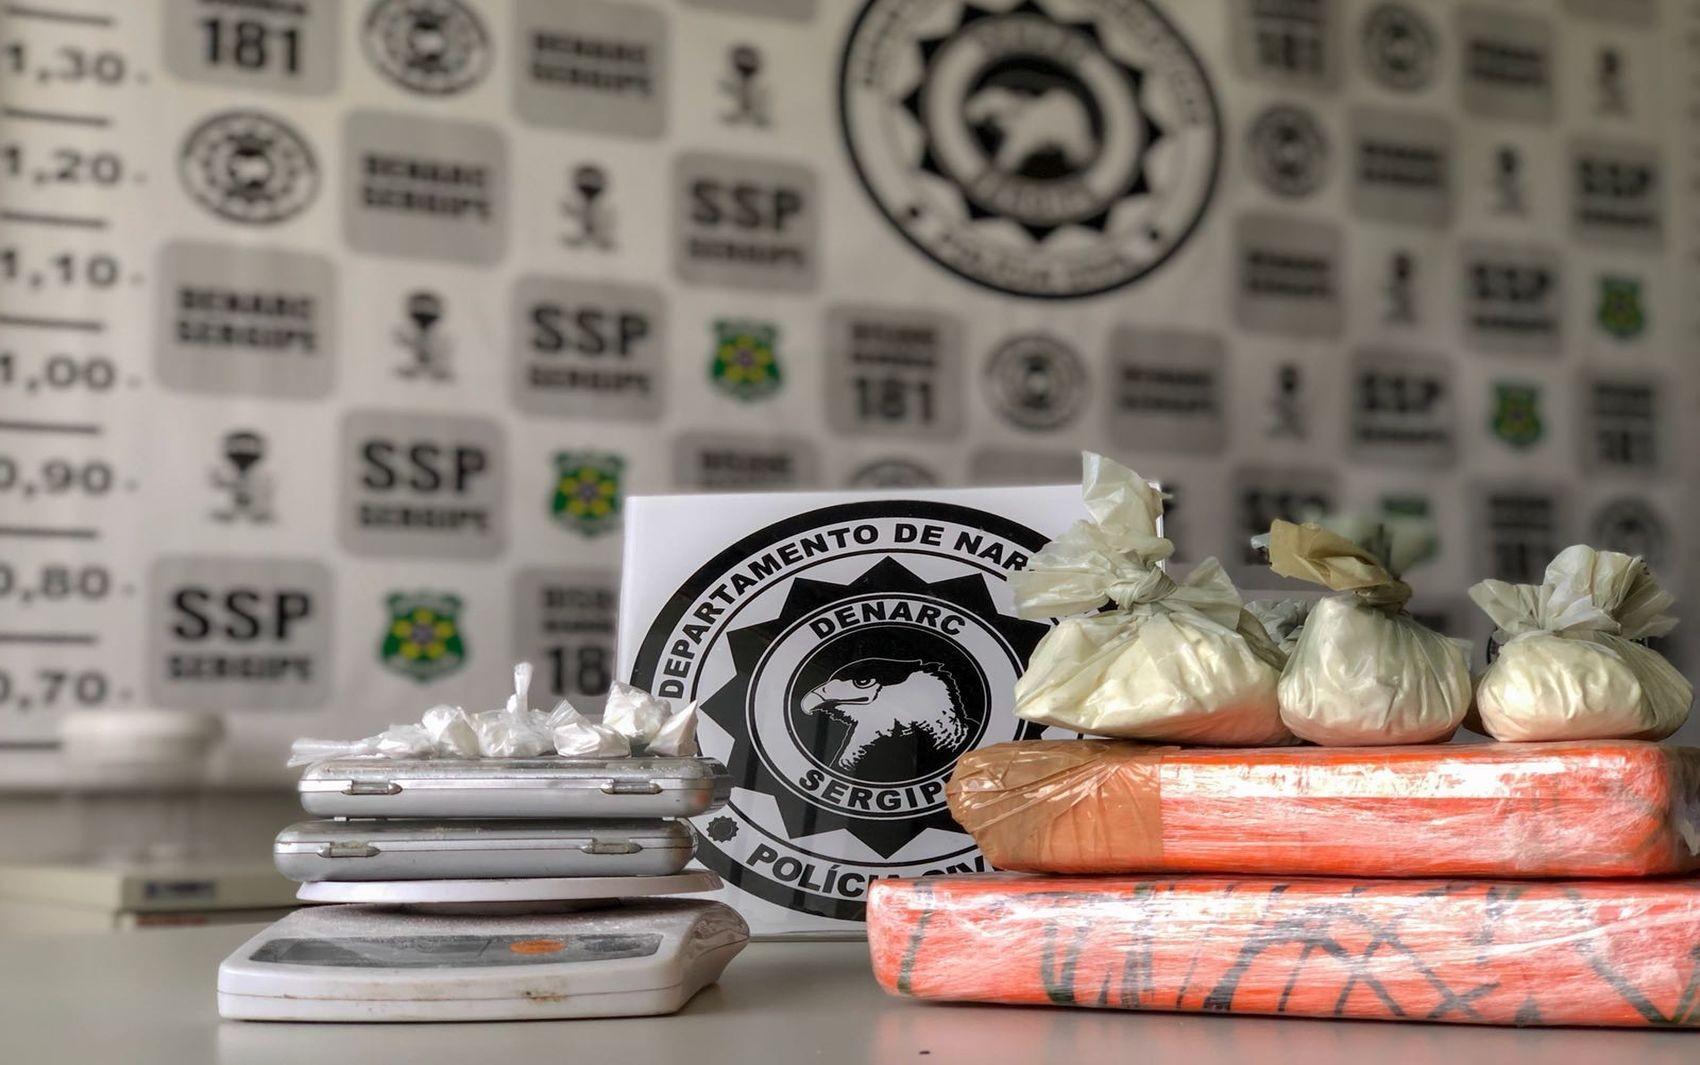 Homem é preso por tráfico de drogas no Bairro Aeroporto - Radio Evangelho Gospel